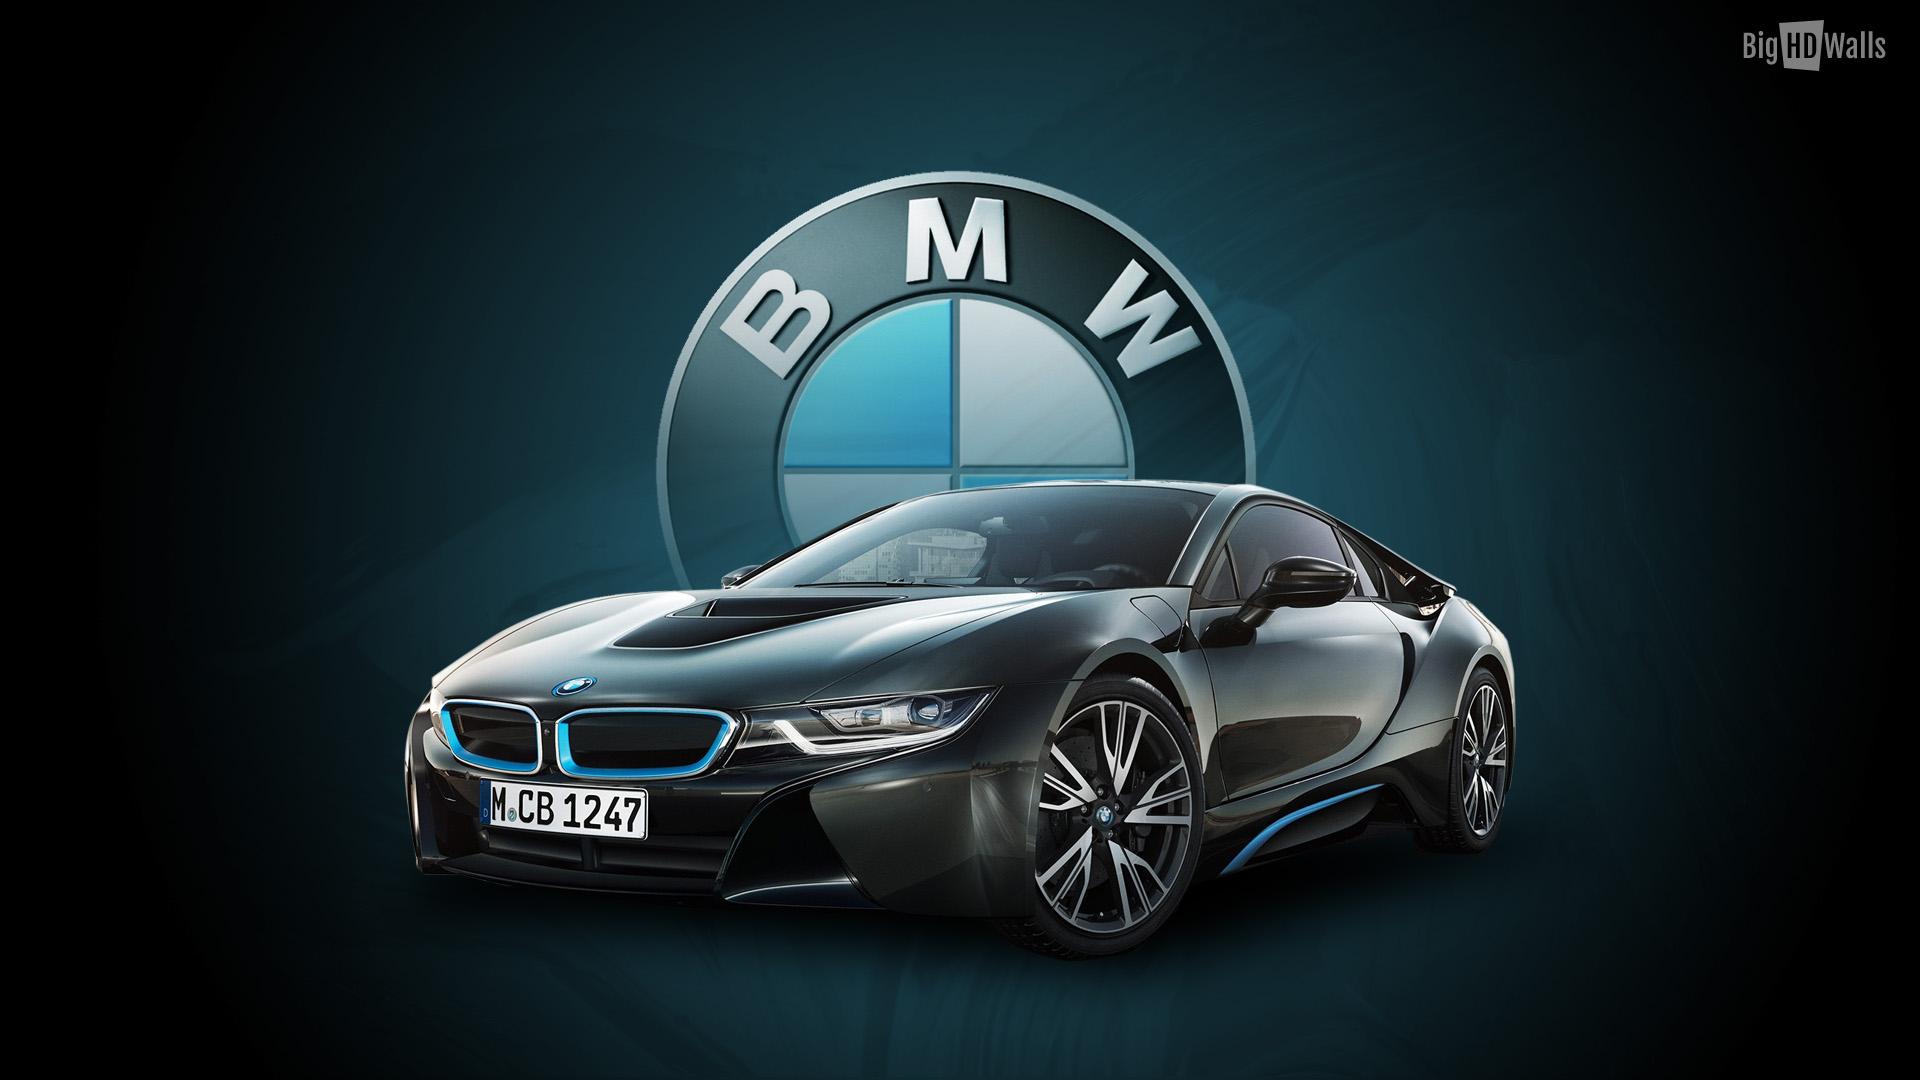 Bmw i8 concept car hd wallpaper bighdwalls